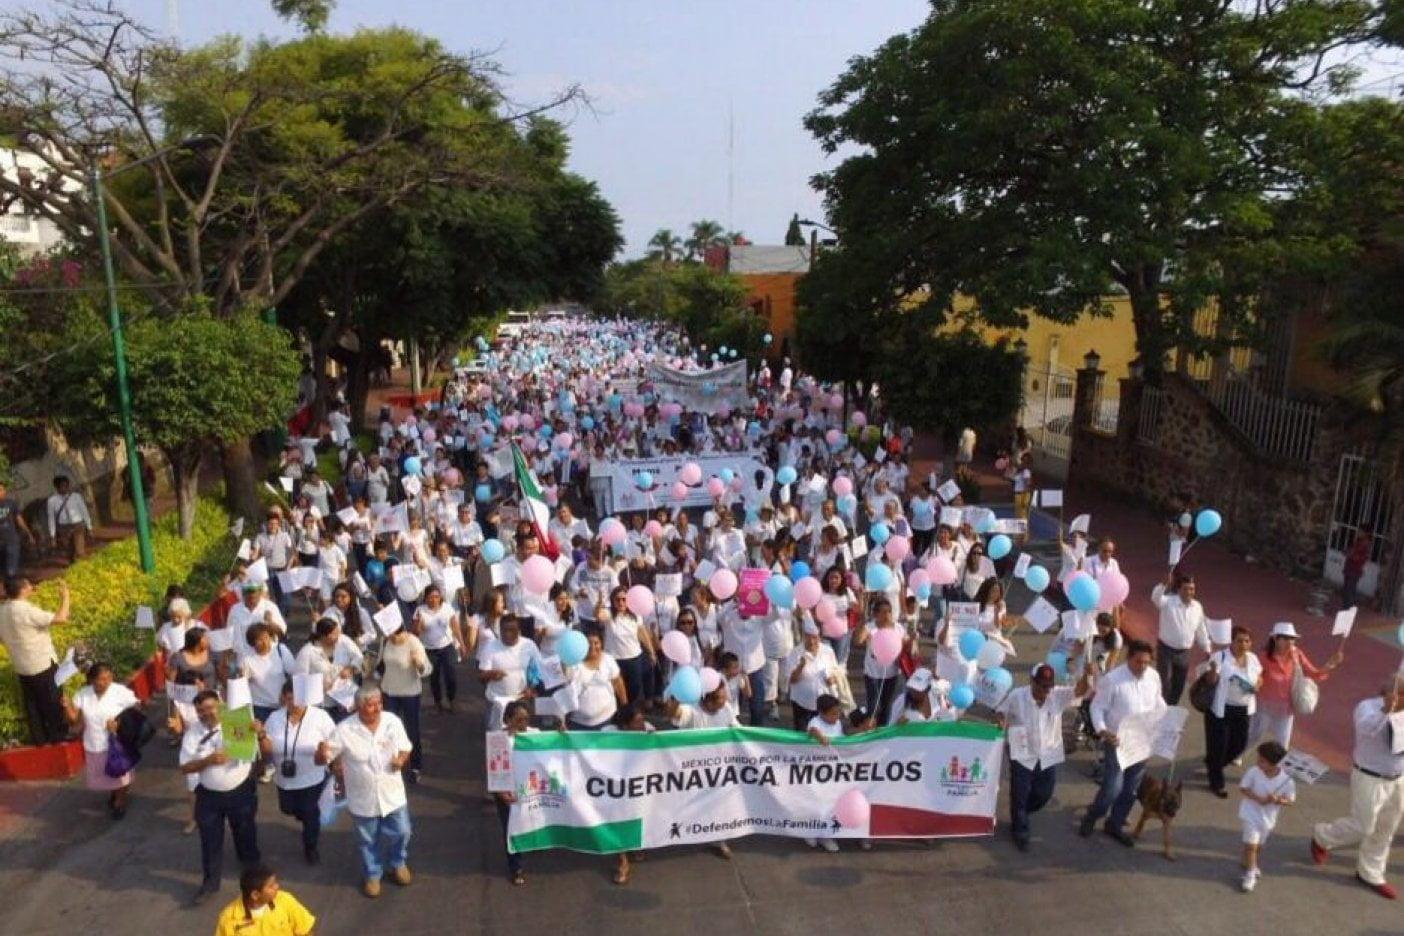 Marcha por la familia en Cuernavaca